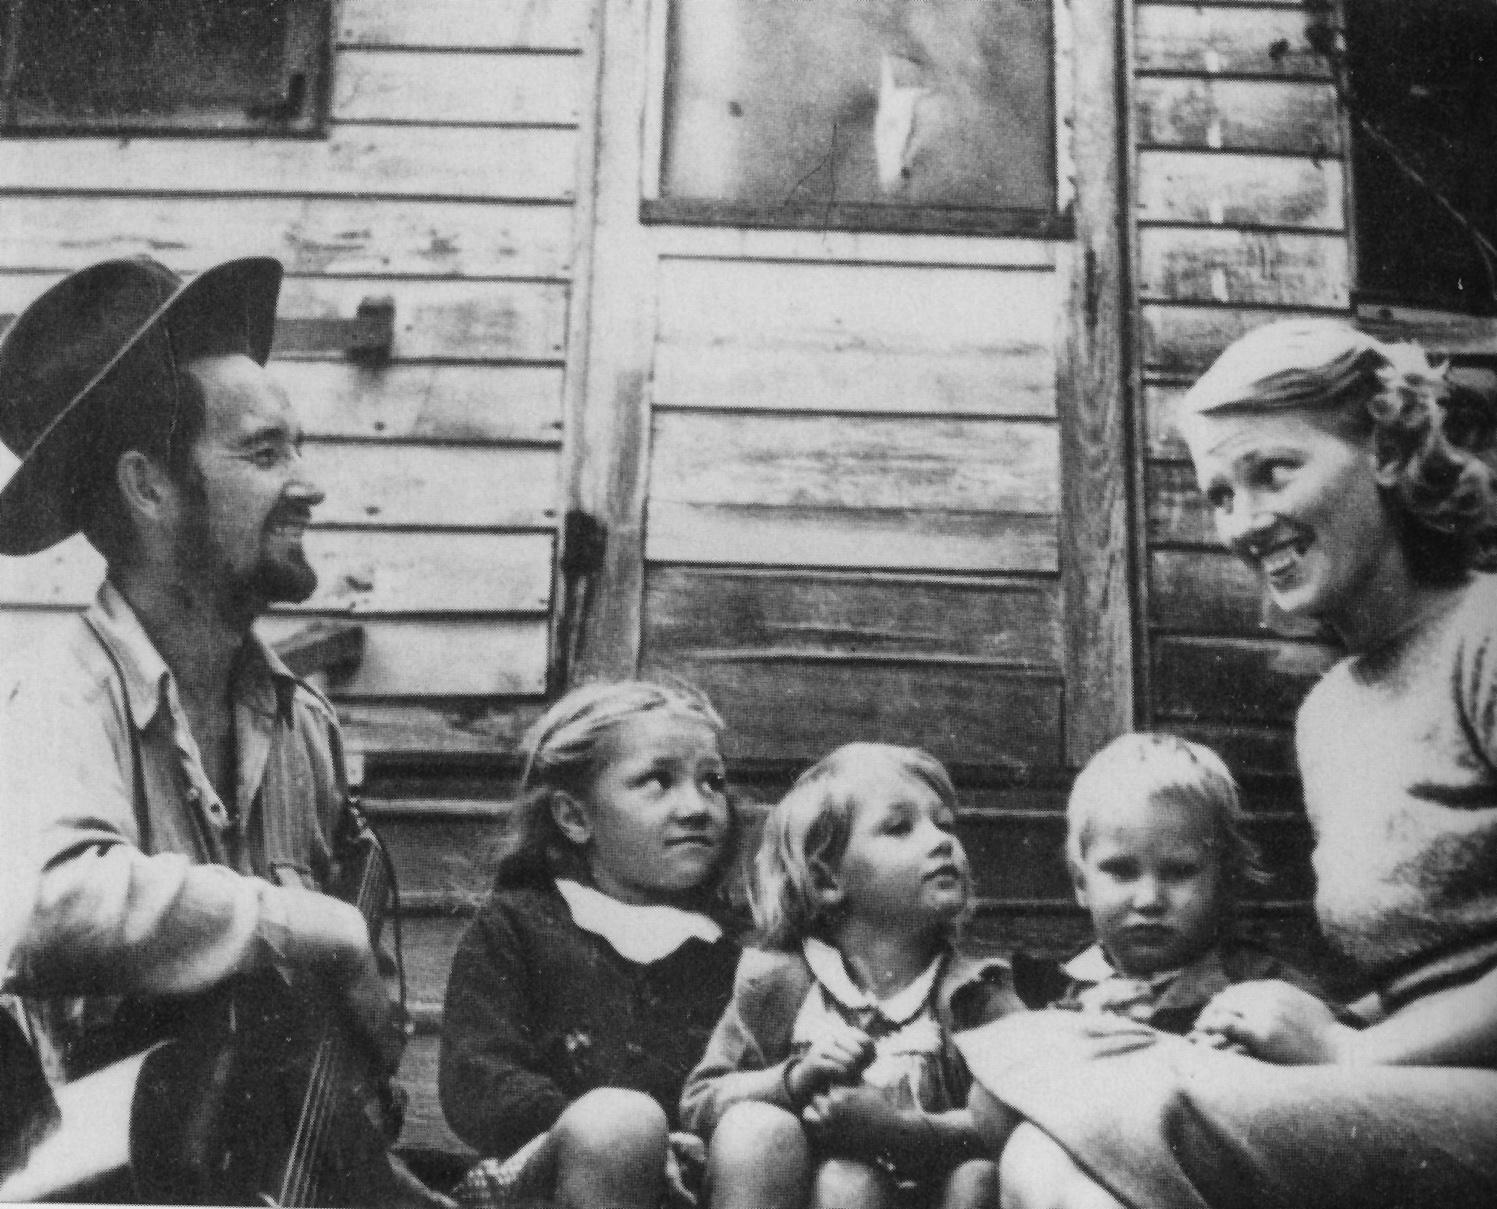 Woody y su primera esposa, Mary, con los tres hijos de la pareja (Gwen, Sue y Bill) frente a su casa en Los Ángeles, 1941